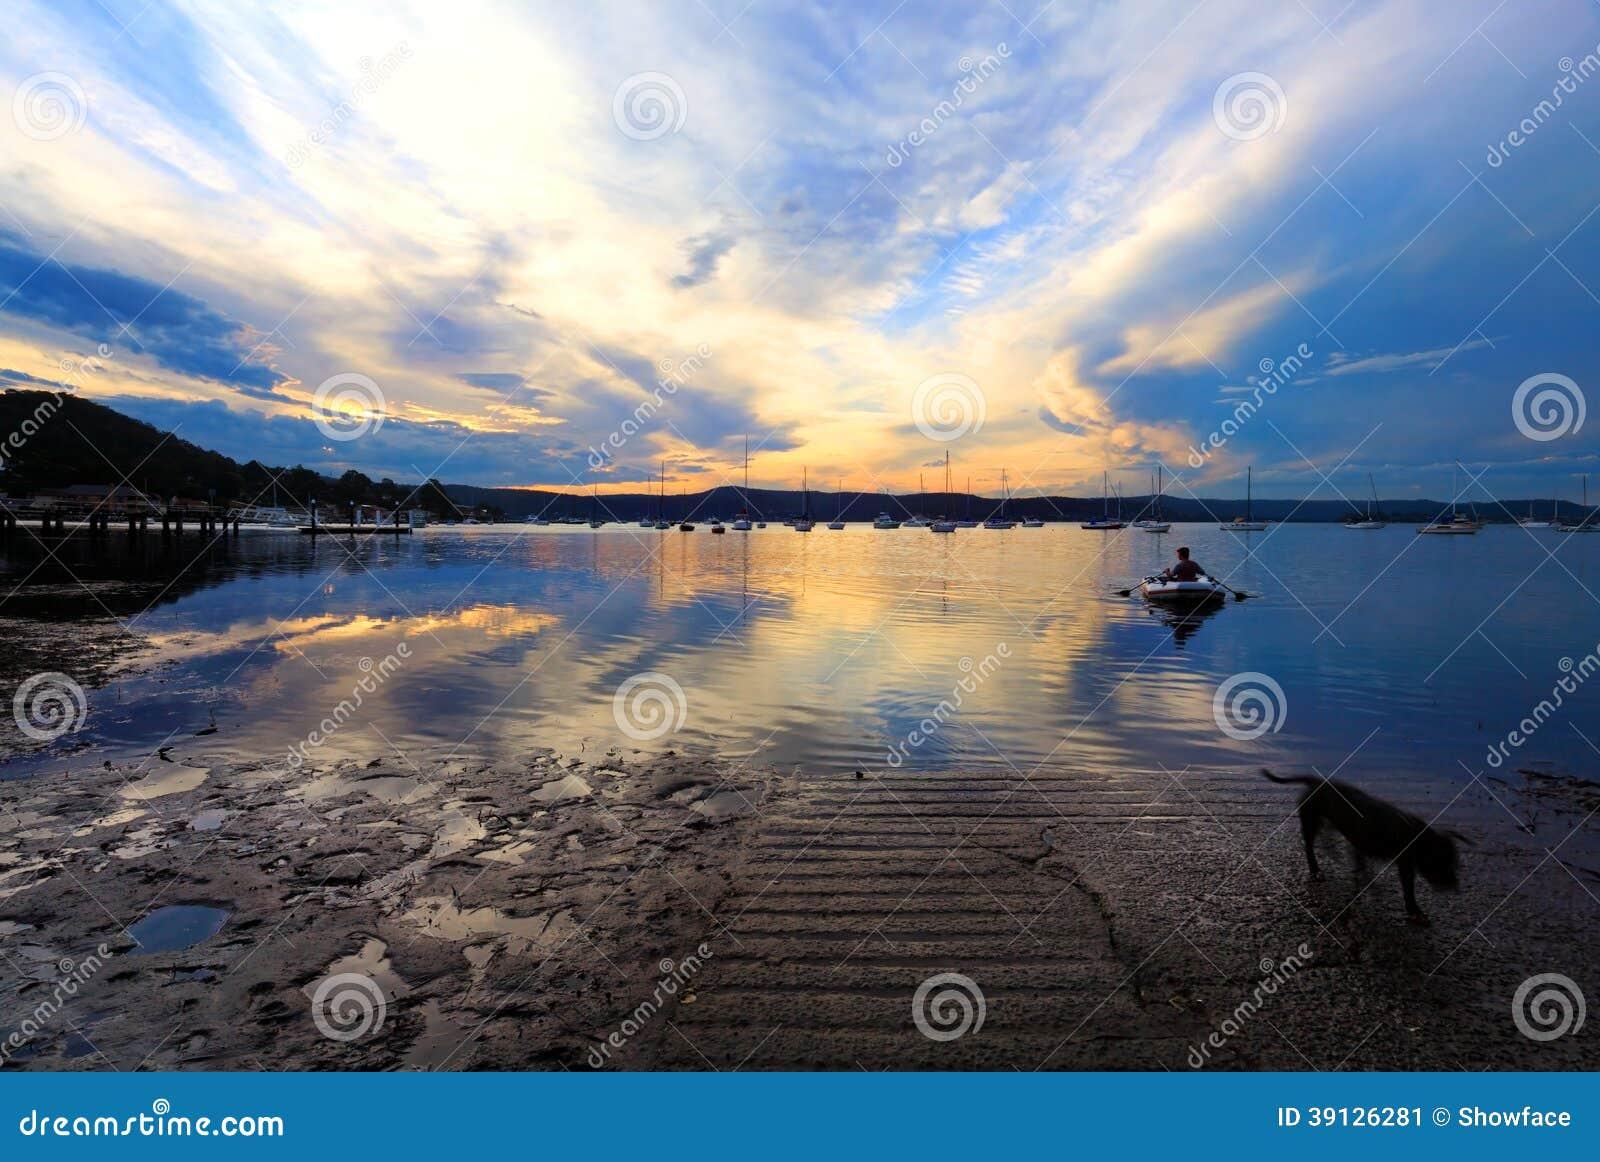 Barca a remi che viene a puntellare nel tramonto di sera